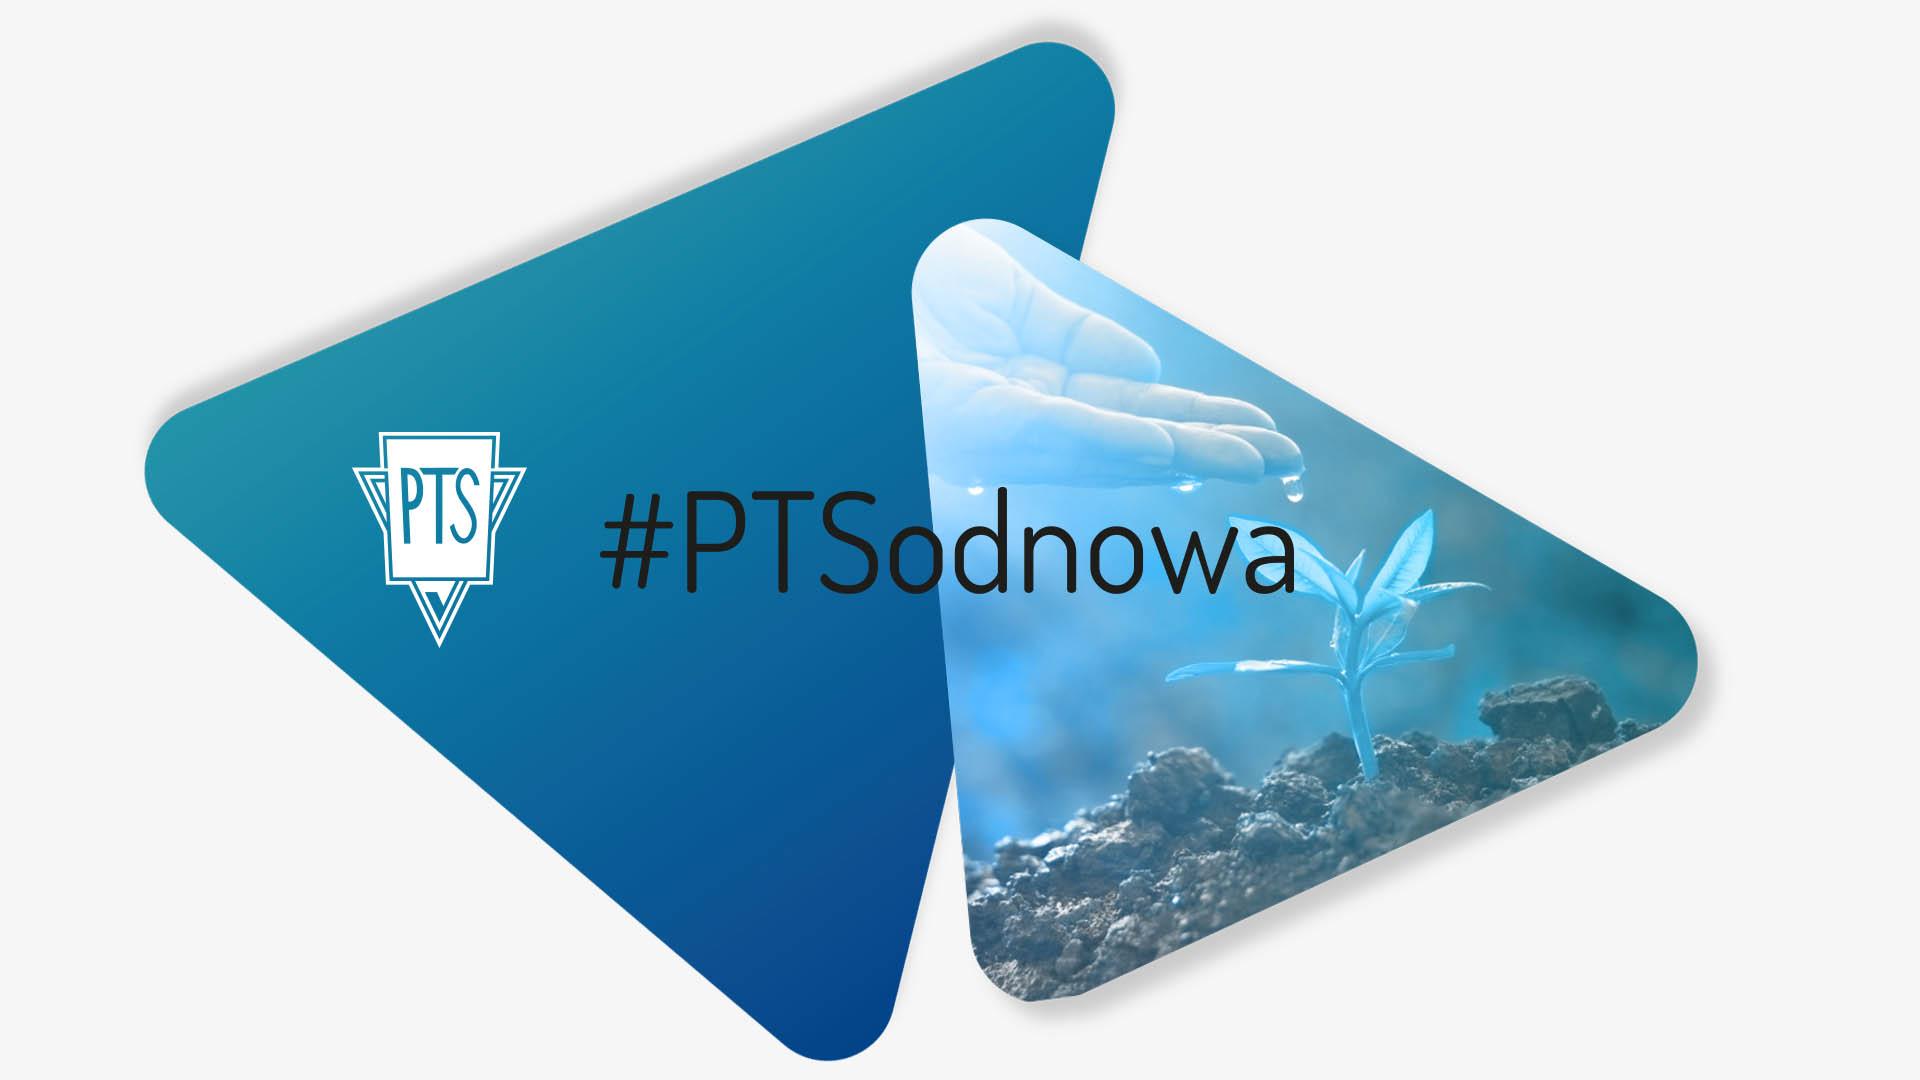 #PTSodnowa